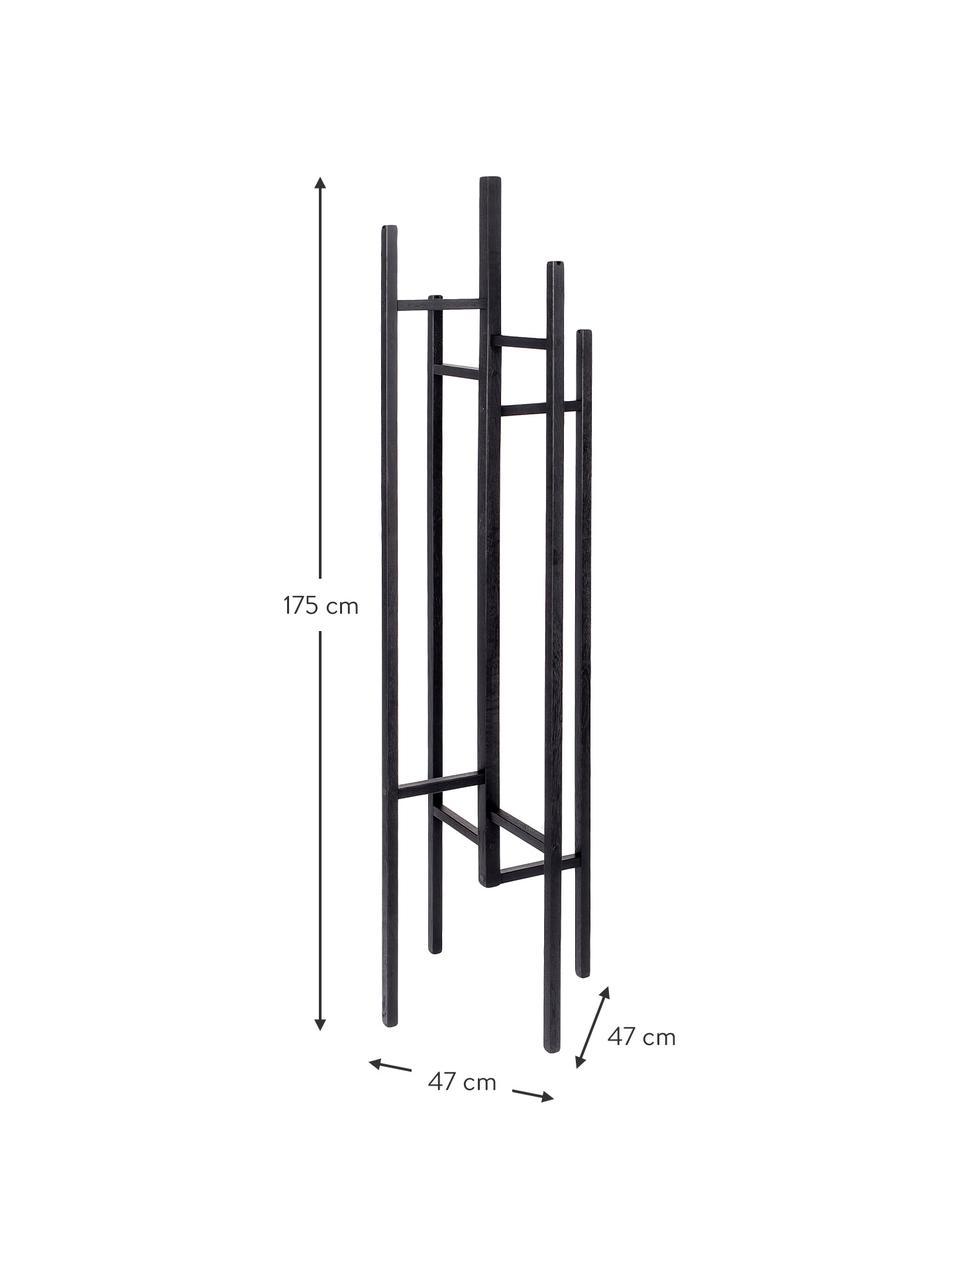 Wieszak stojący z 5 hakami Eigen, Lite drewno dębowe, lakierowane, Czarny, S 47 x W 175 cm